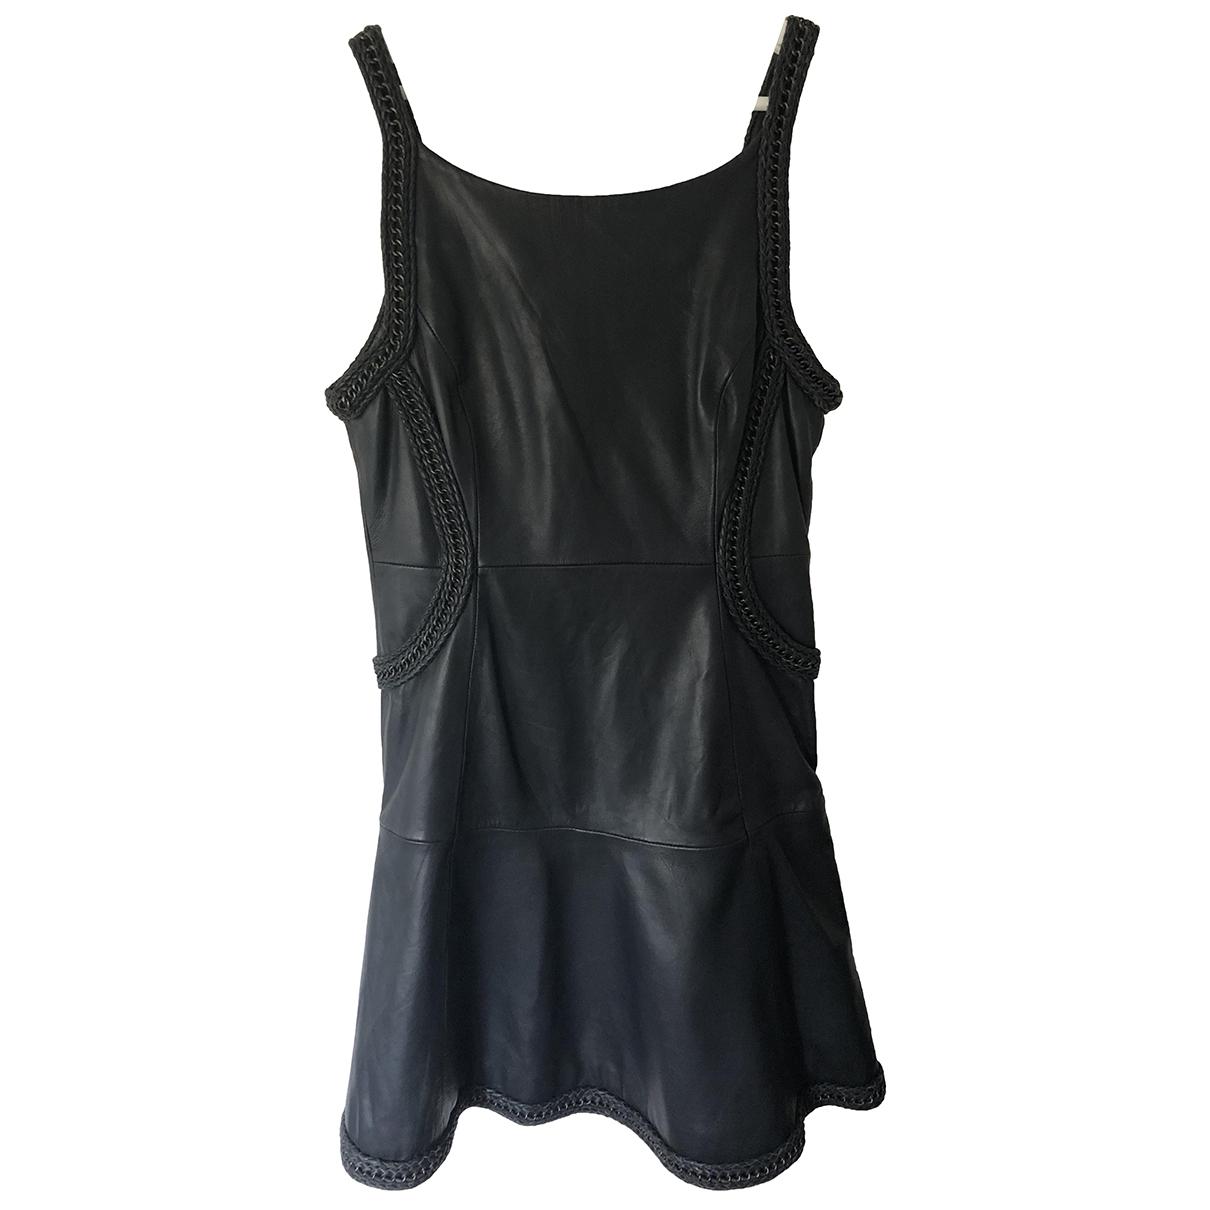 Reiss \N Kleid in  Schwarz Leder